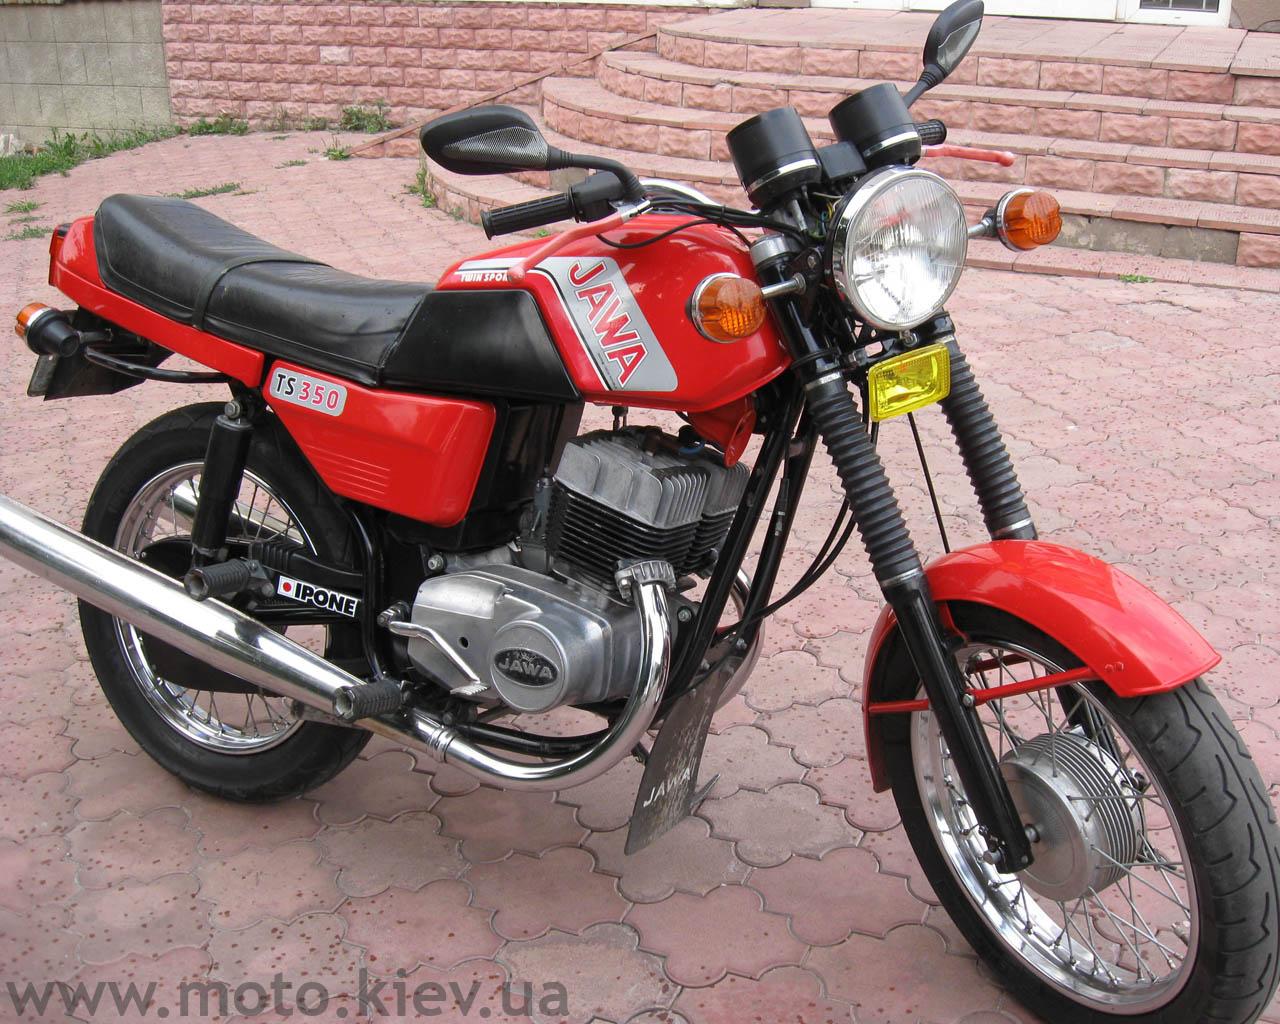 Мотоцикл jawa 350 638 350